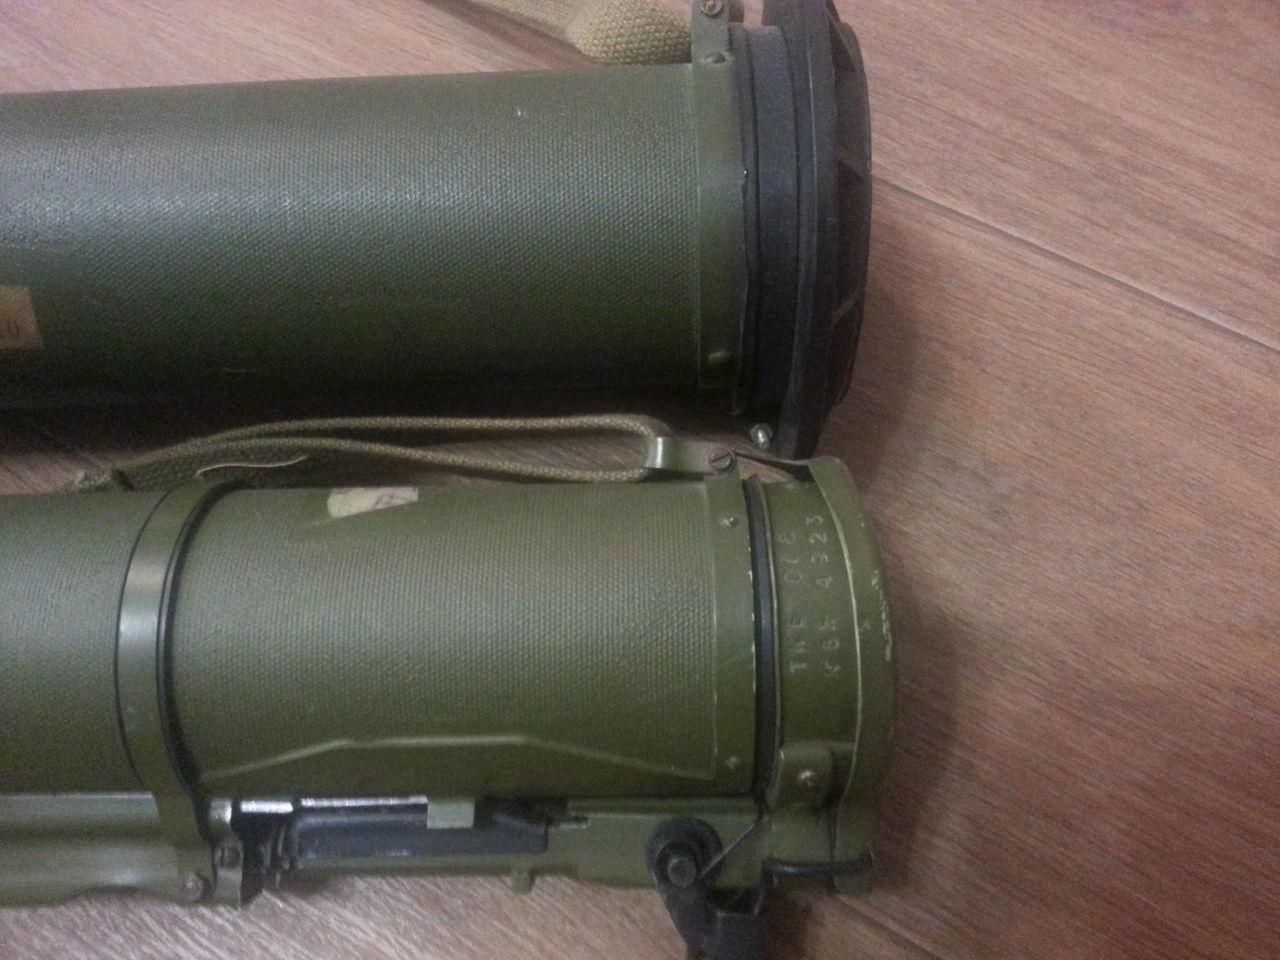 Ммг РПГ-18 - МУХА,РПГ-26 - АГЛЕНЬ • Популярное оружие